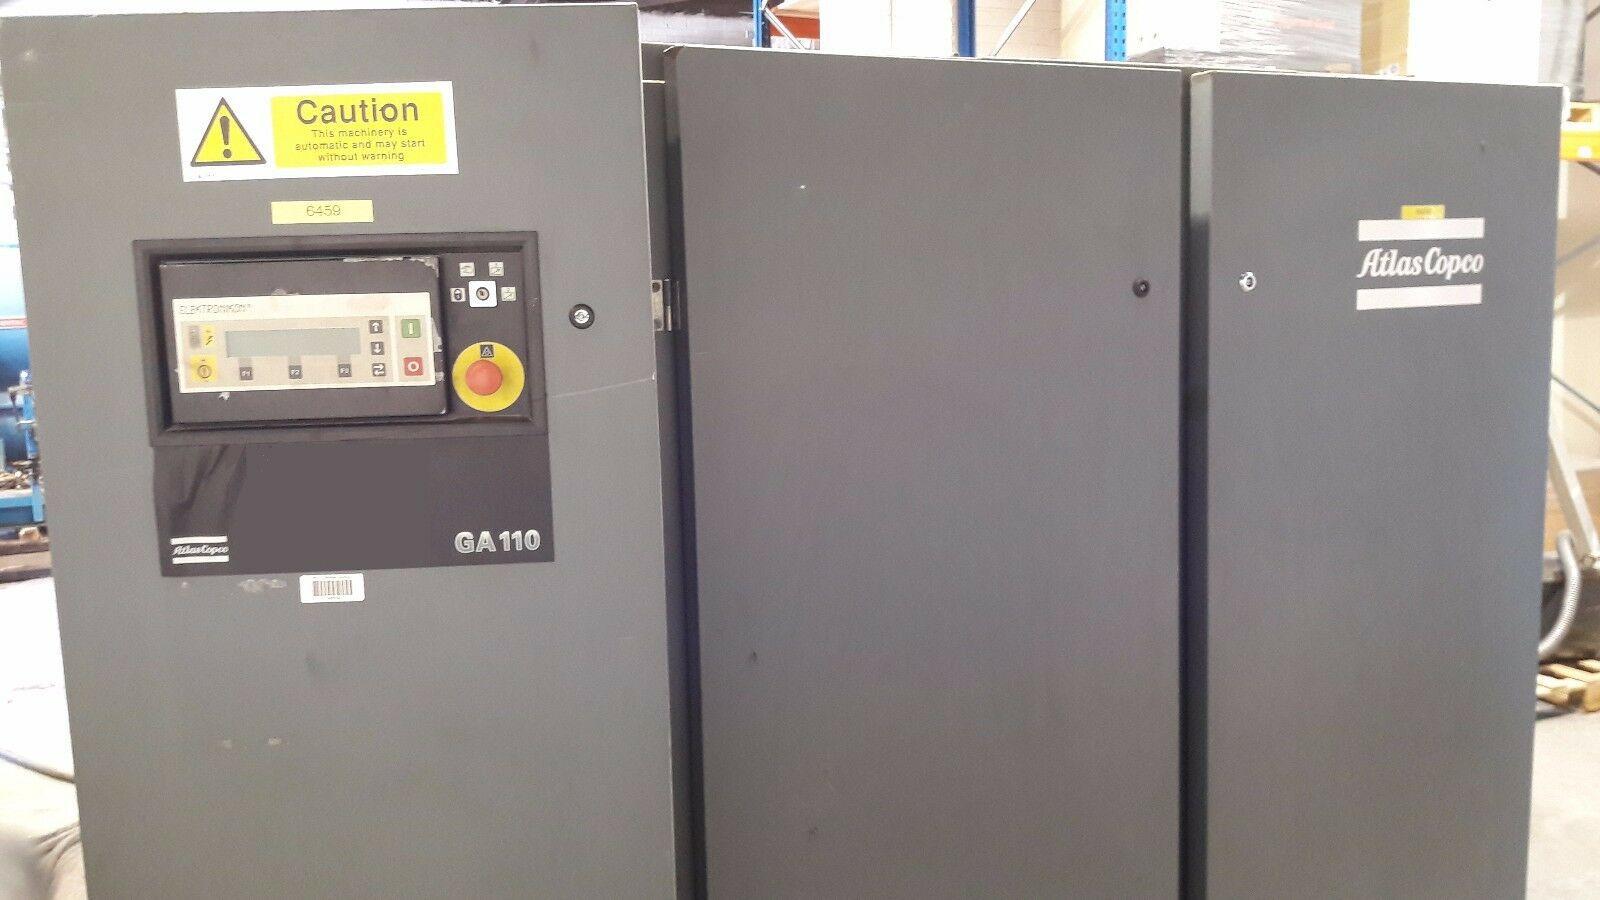 Compressor Parafuso Ga110 150hp 13Bar 600pés Revisado C132  - Metalmaq